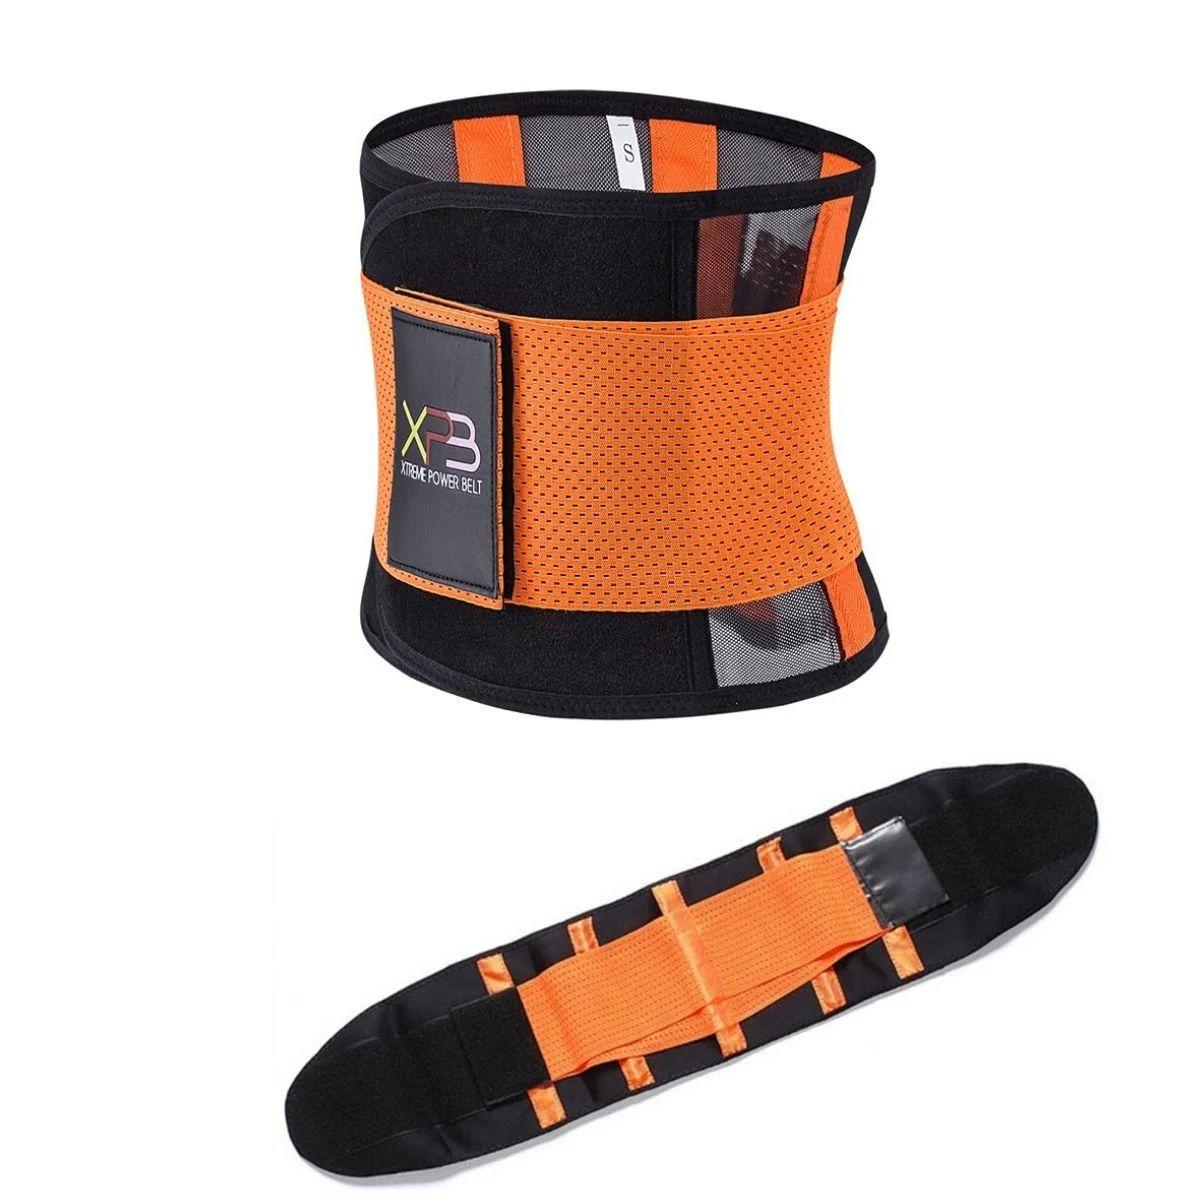 Пояс для похудения Hot Shapers Xtreme Power Belt | Утягивающий корсет для коррекции фигуры